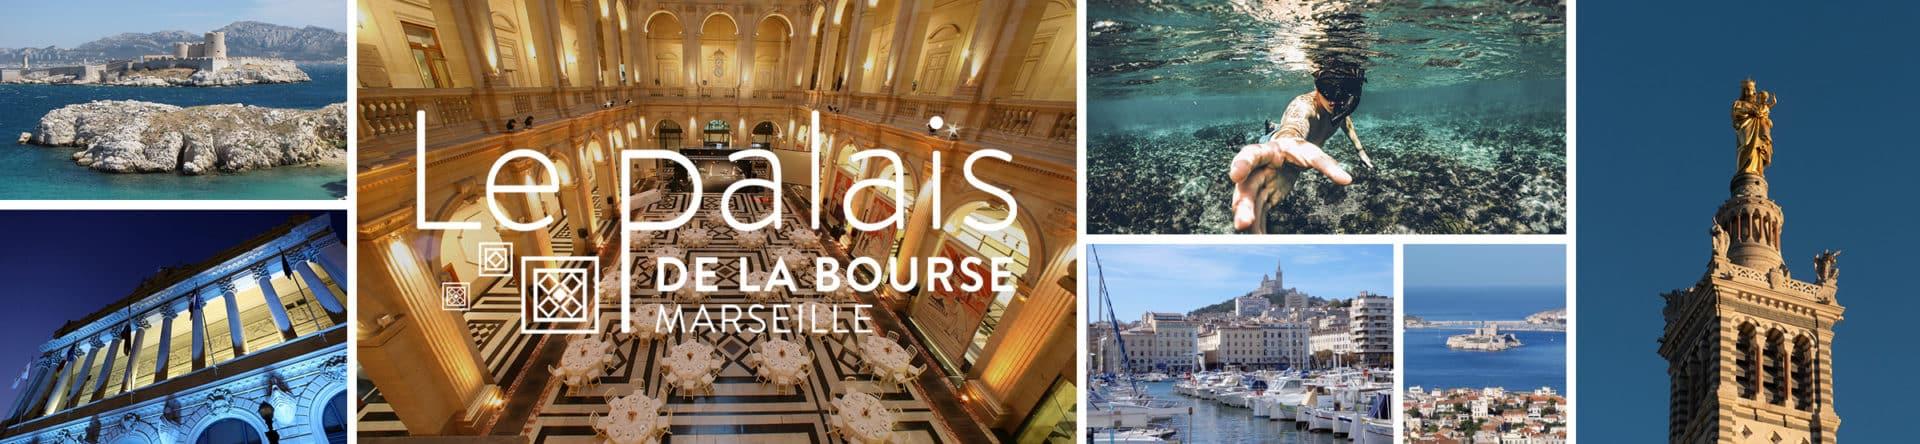 Organisez votre évenement d'entreprise au Palais de La Bourse à Marseille